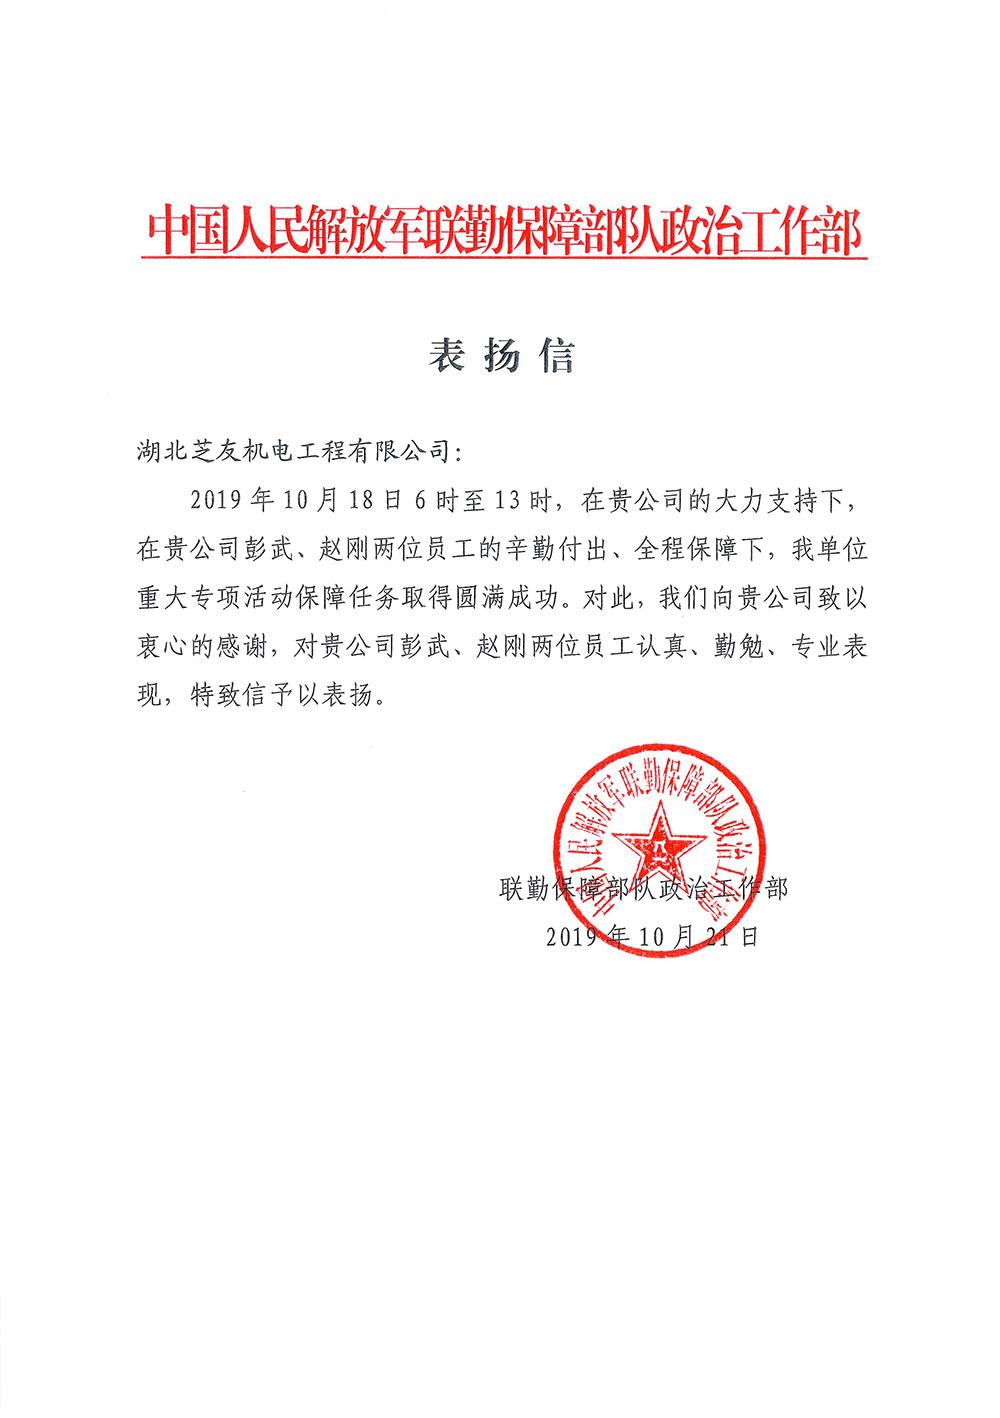 解放軍聯勤保障工作部表揚信